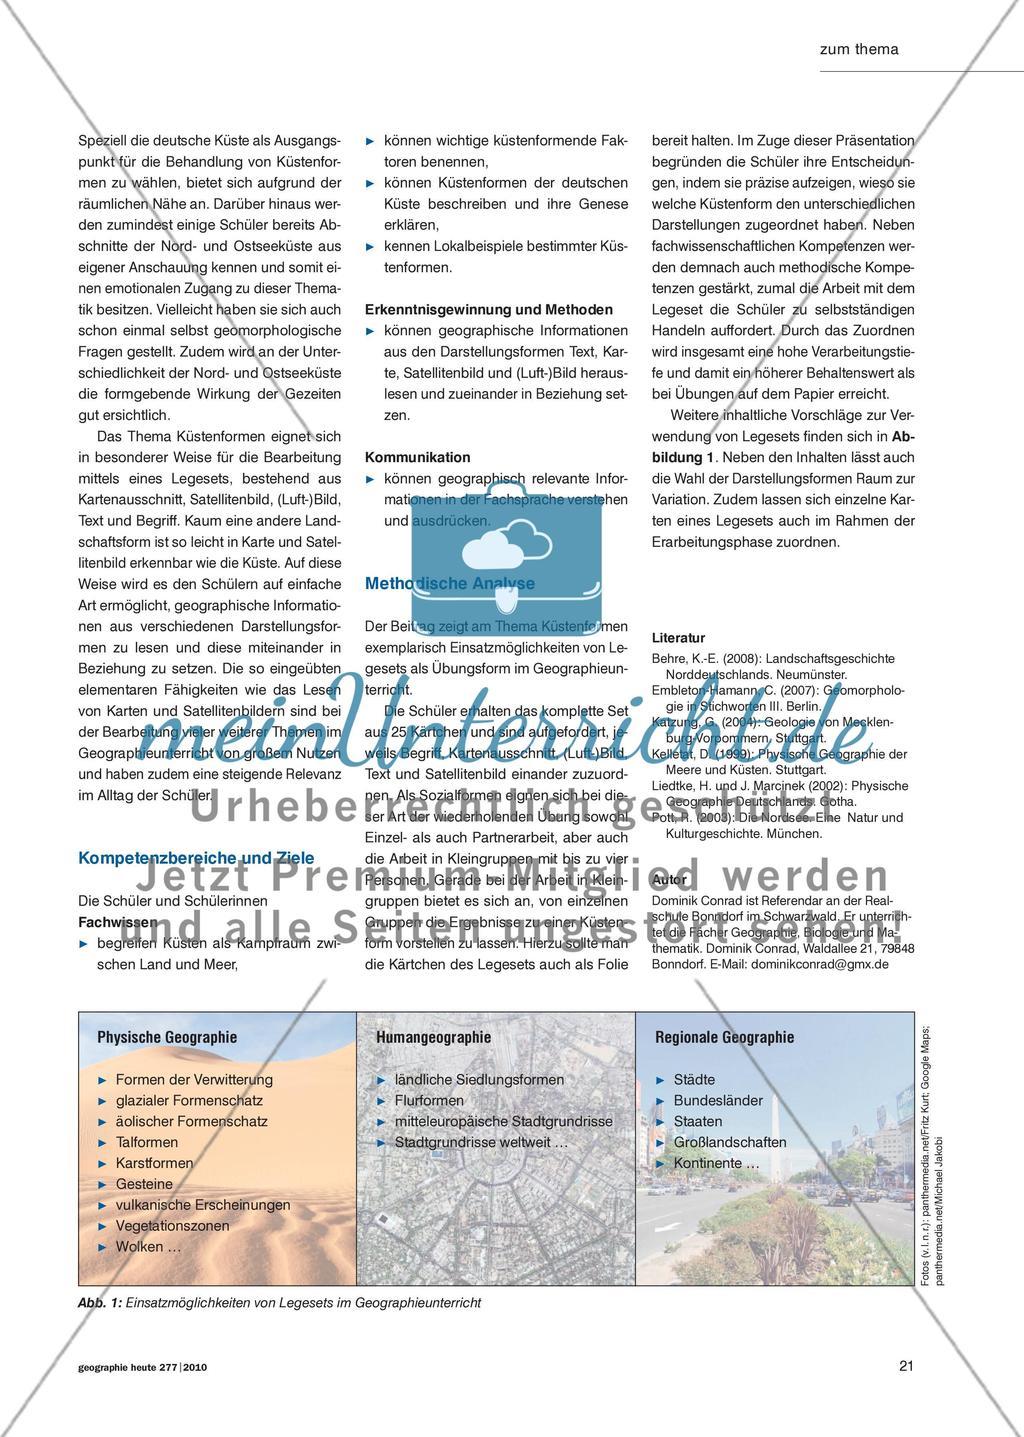 Küstenformen der deutschen Nord- und Ostseeküste - Nachhaltig Üben mit Legesets Preview 2